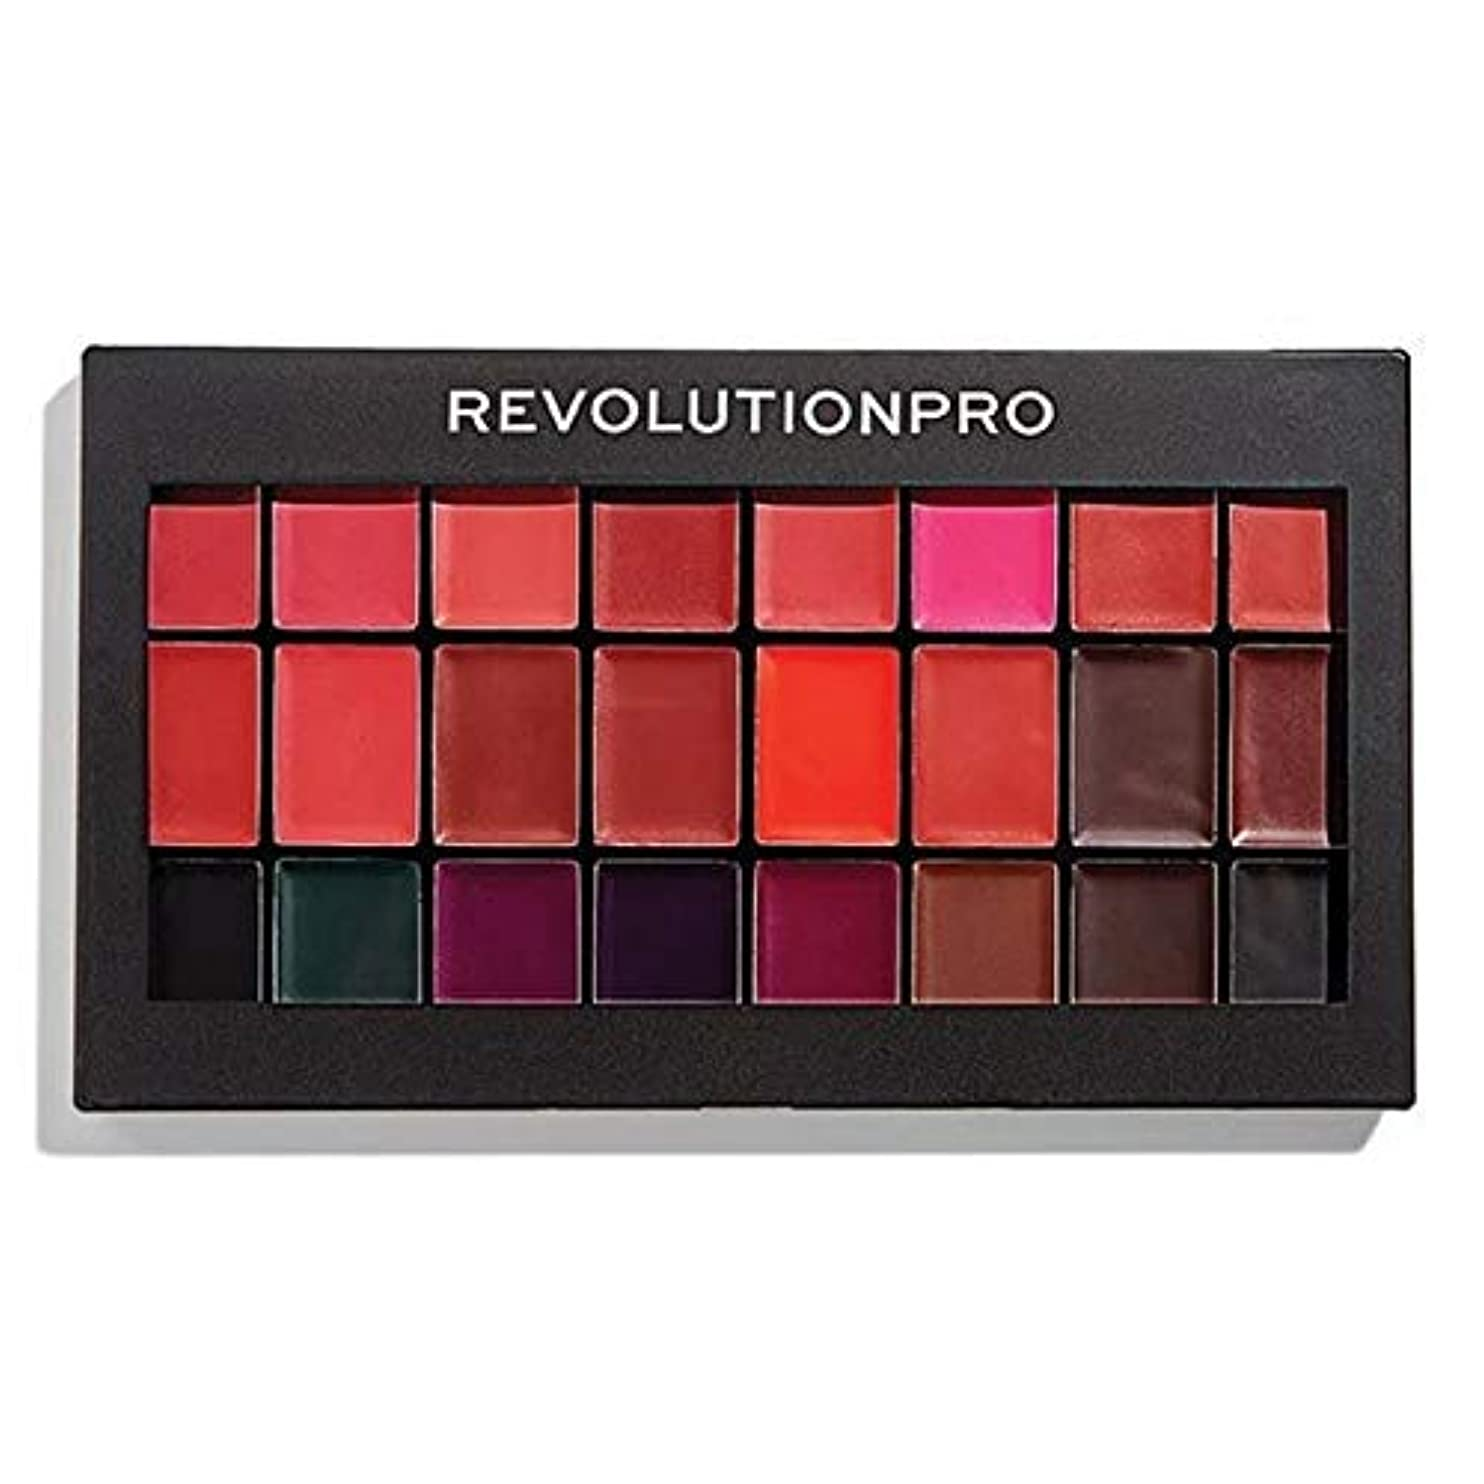 電気陽性悲惨な考古学的な[Revolution ] 革命プロ口紅キット赤&Vamps - Revolution Pro Lipstick Kit Reds & Vamps [並行輸入品]